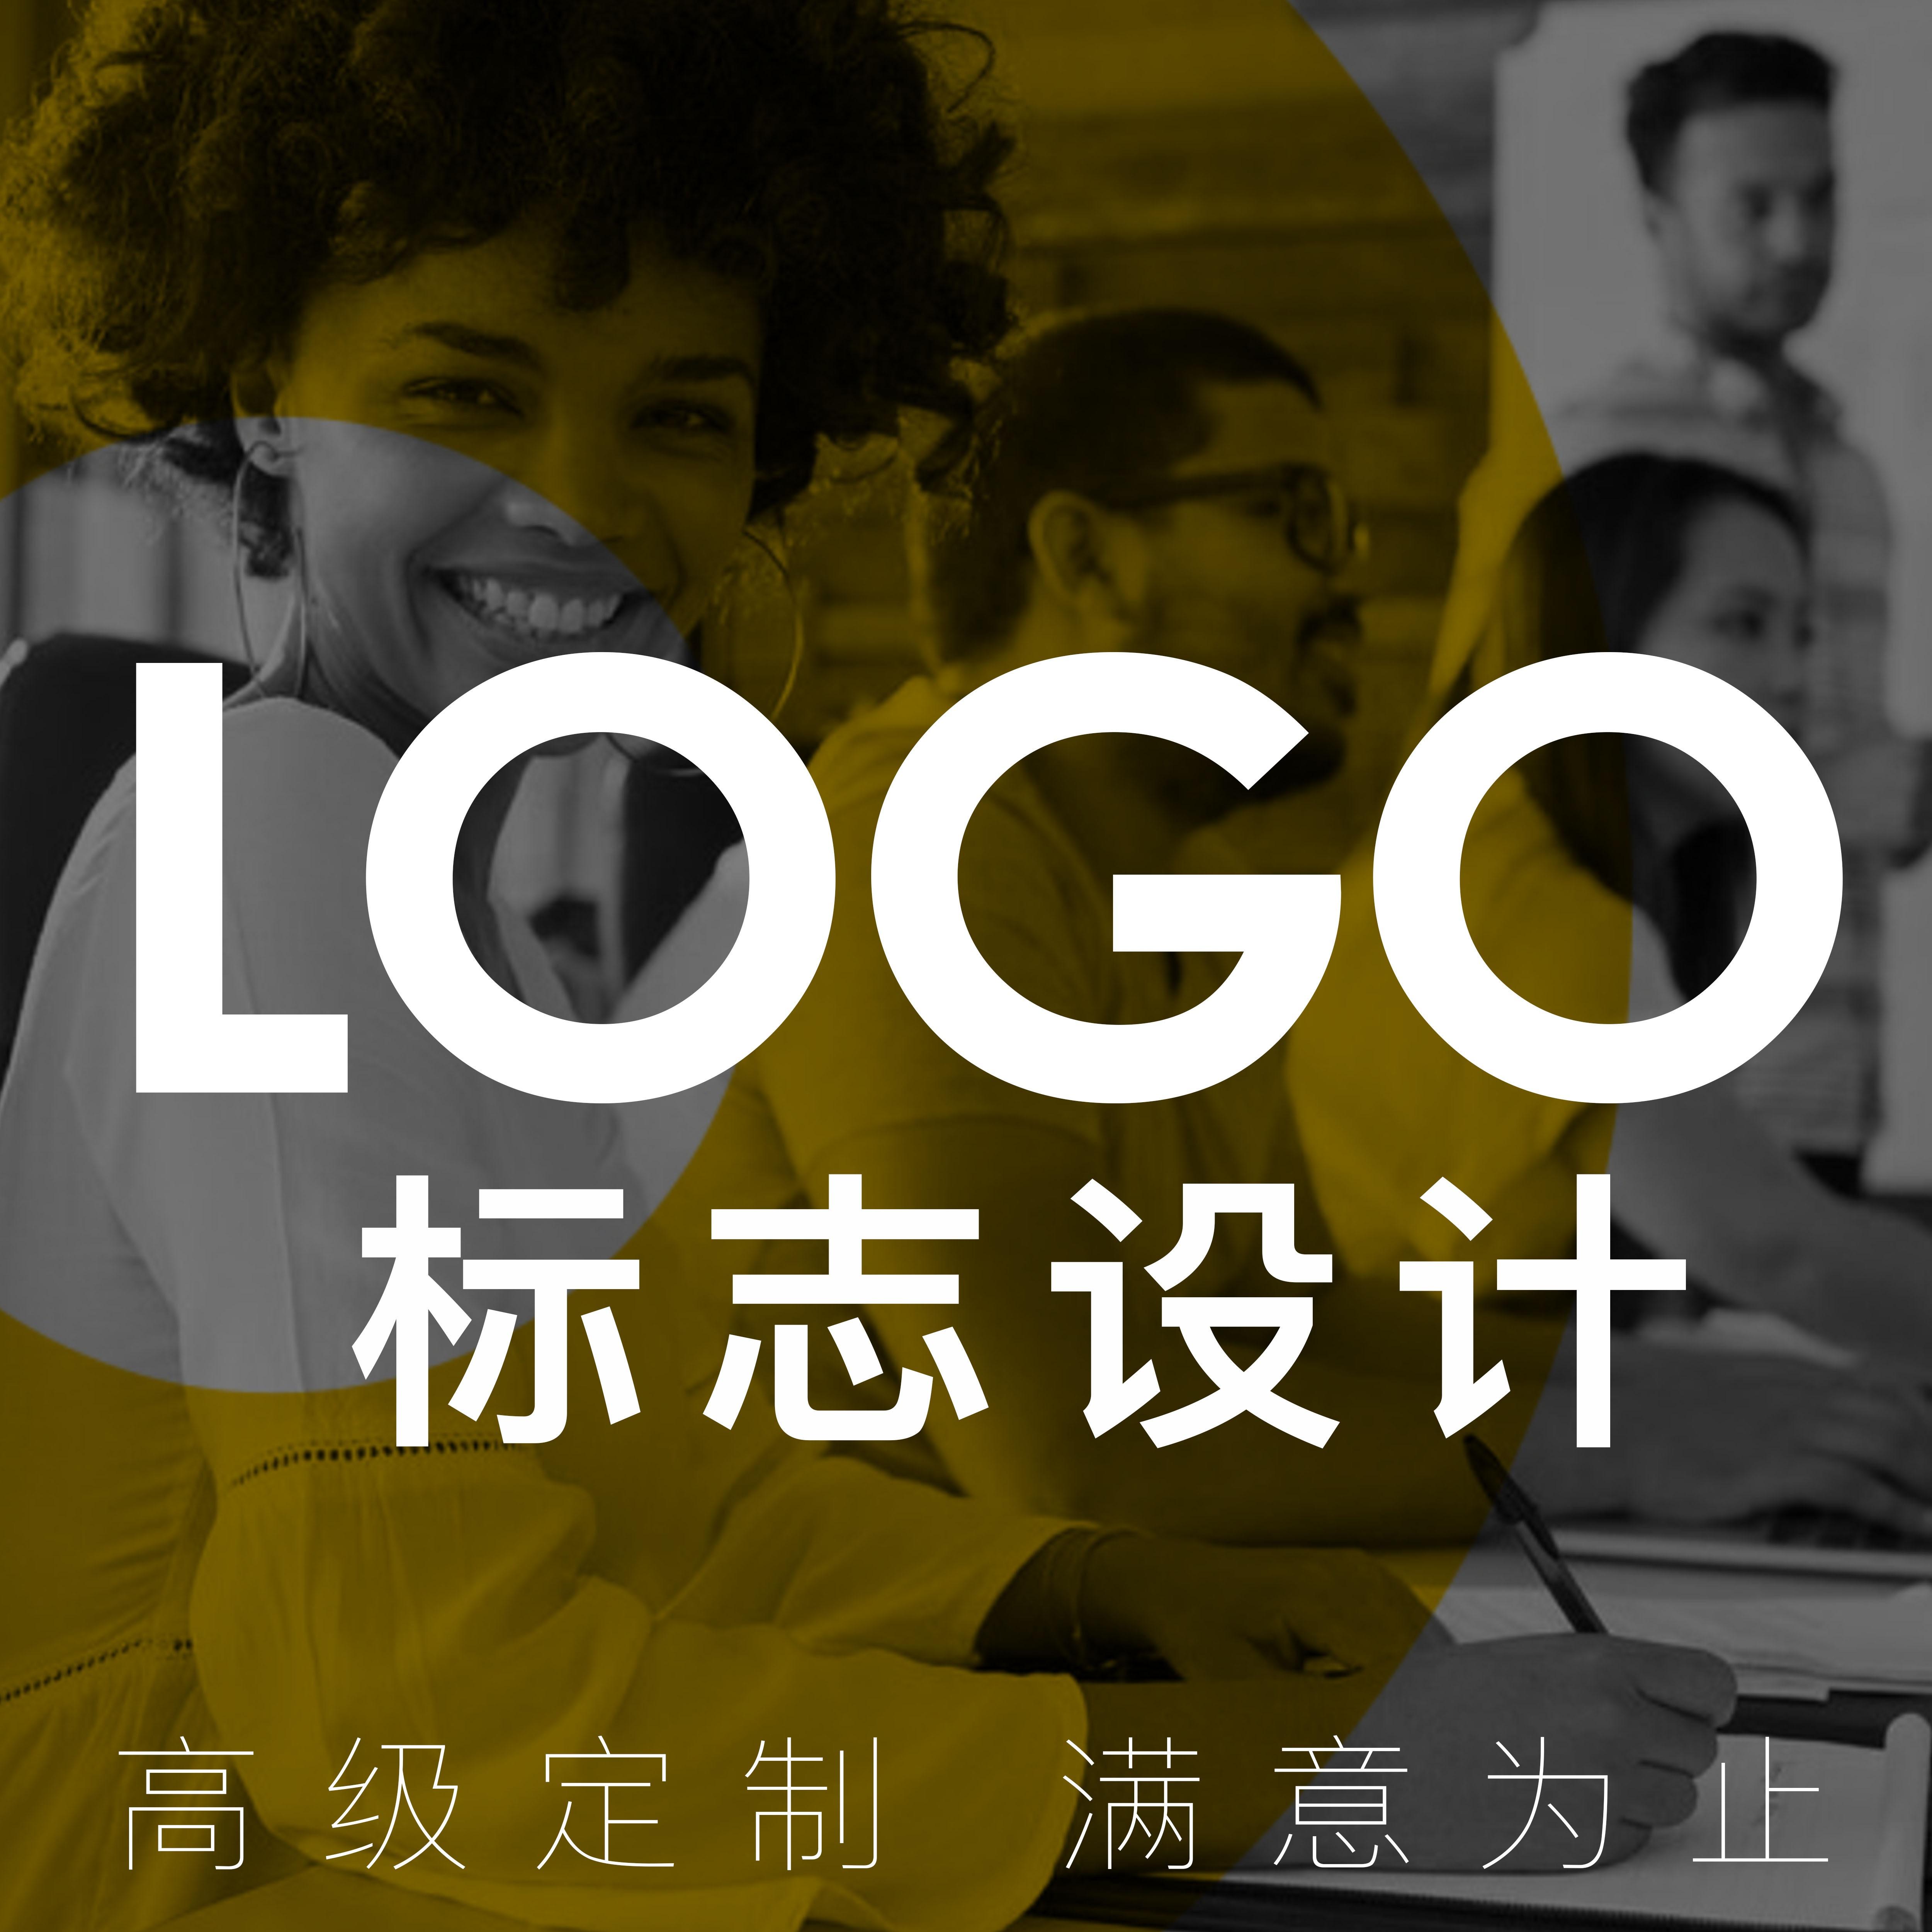 图形文字卡通科技房地产互联网品牌 LOGO 设计 logo 升级诊断